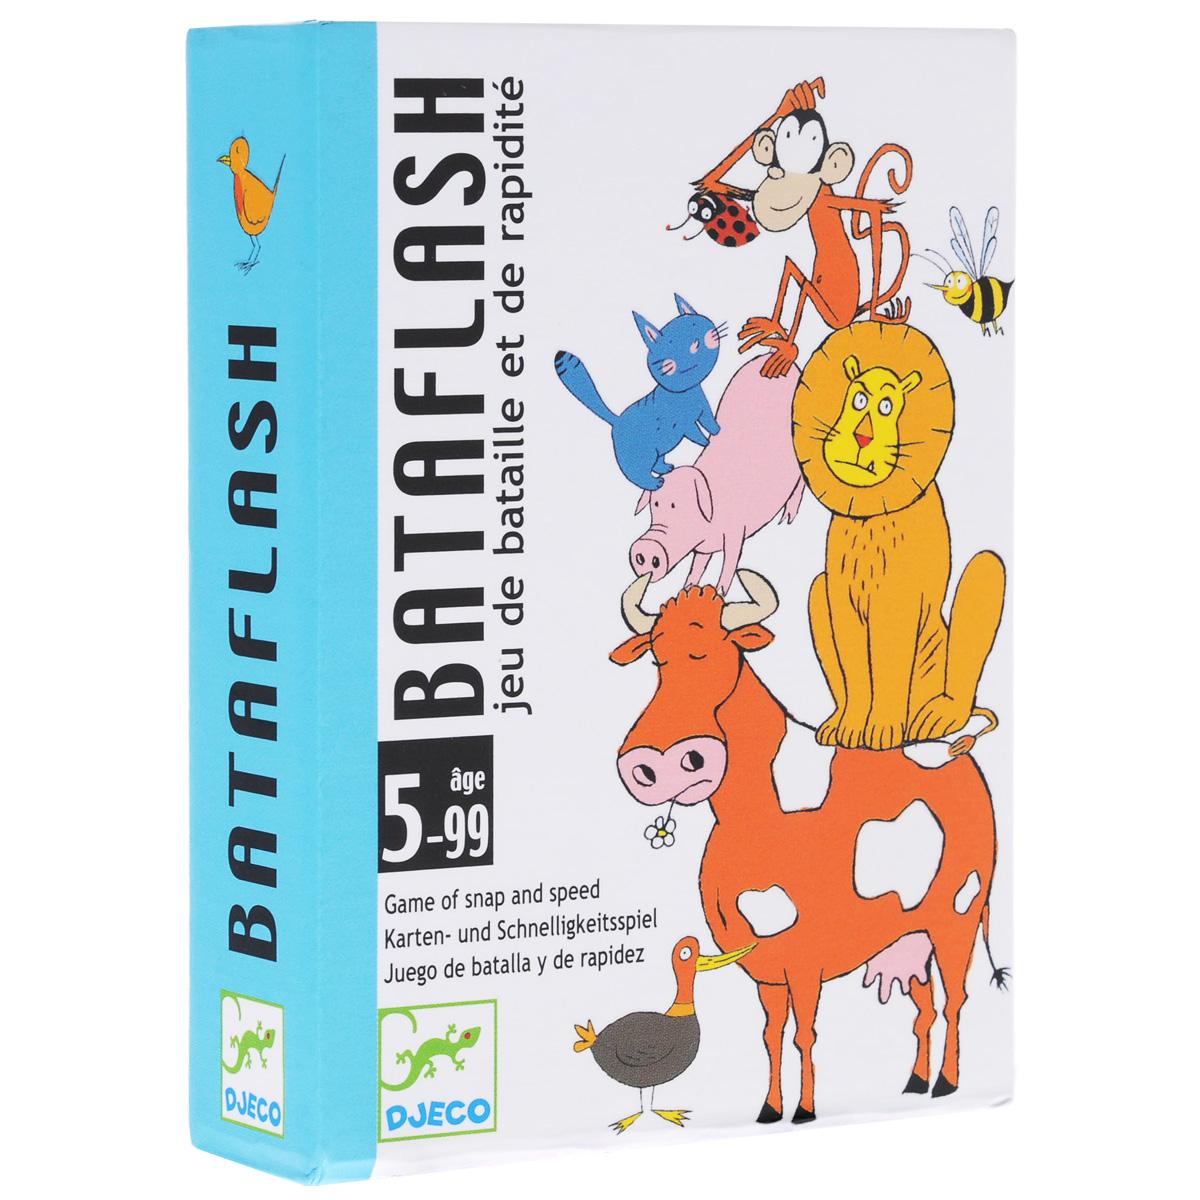 Карточная игра Djeco Батафлеш05118Карточная игра Батафлеш. Детская карточная парная игра. Все карты раздаются между игроками, на картах изображены несколько животных в различных комбинациях. Игра развивает моторику пальцев, воображение малыша, его фантазию. Вас очень порадует Ваш малыш своей сообразительностью. Правила игры: Карты тасуются и раздаются игрокам (если играют трое, то 2 карты в игре не используются). Каждый игрок складывает свои карты стопкой и кладет ее перед собой, лицевой стороной вниз. Все игроки одновременно переворачивают верхние карты своих стопок и помещают их в центре стола. Игрок, который первым заметил одно и то же животное на всех перевернутых картах (в том случае, когда это возможно), громко произносит его название. - Если названное животное действительно имеется на всех картах, то игрок забирает себе эти карты и кладет их в низ своей стопки. - Если игрок ошибся, то он раздает остальным игрокам по одной карте из своей стопки. Каждый из...